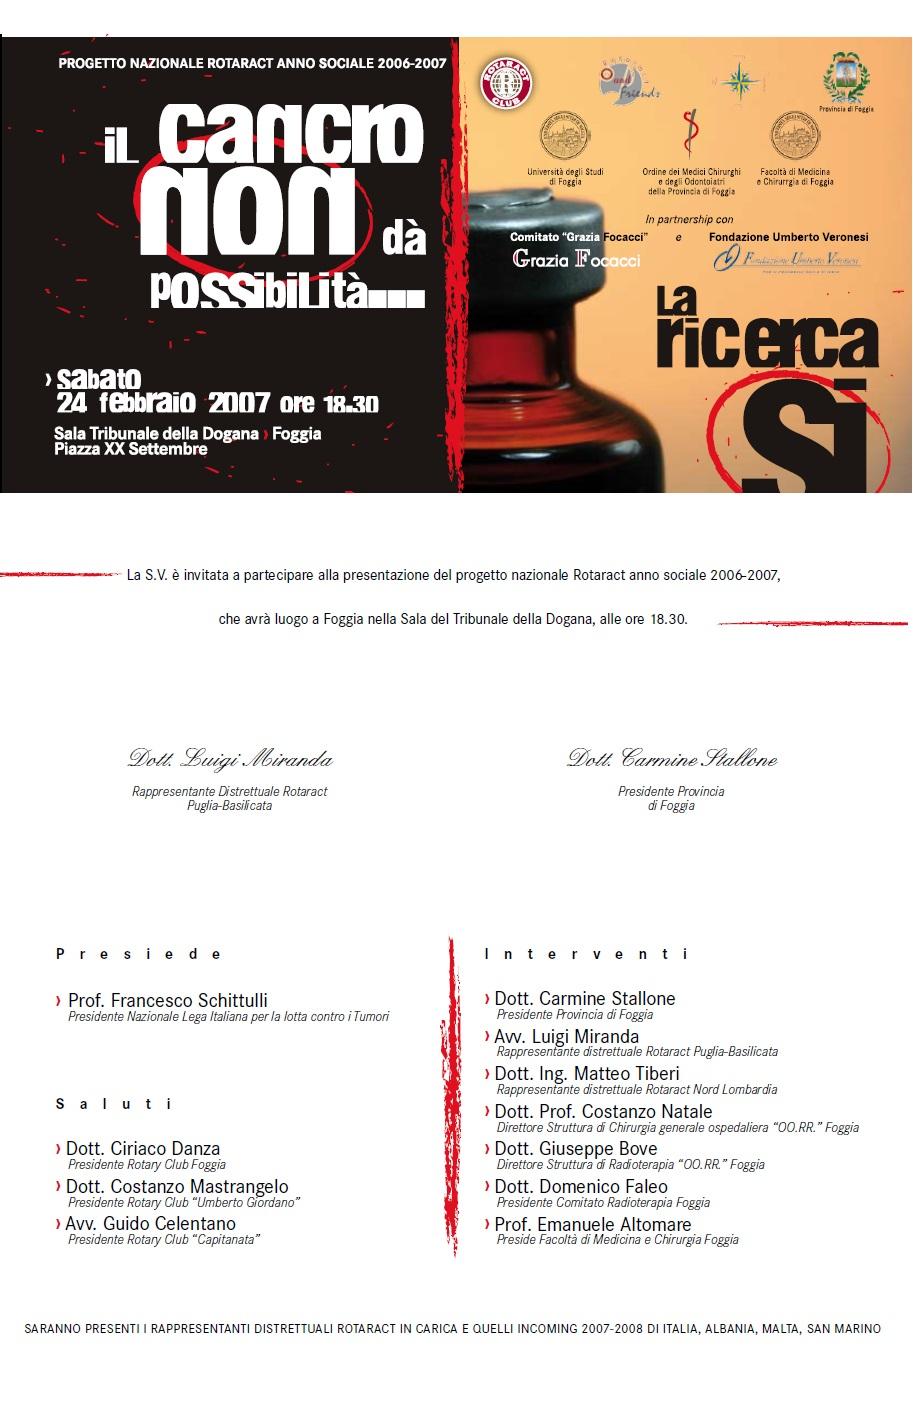 Convegno_Il_Cancro_non_da_ossibilità_Foggia_2007.jpg